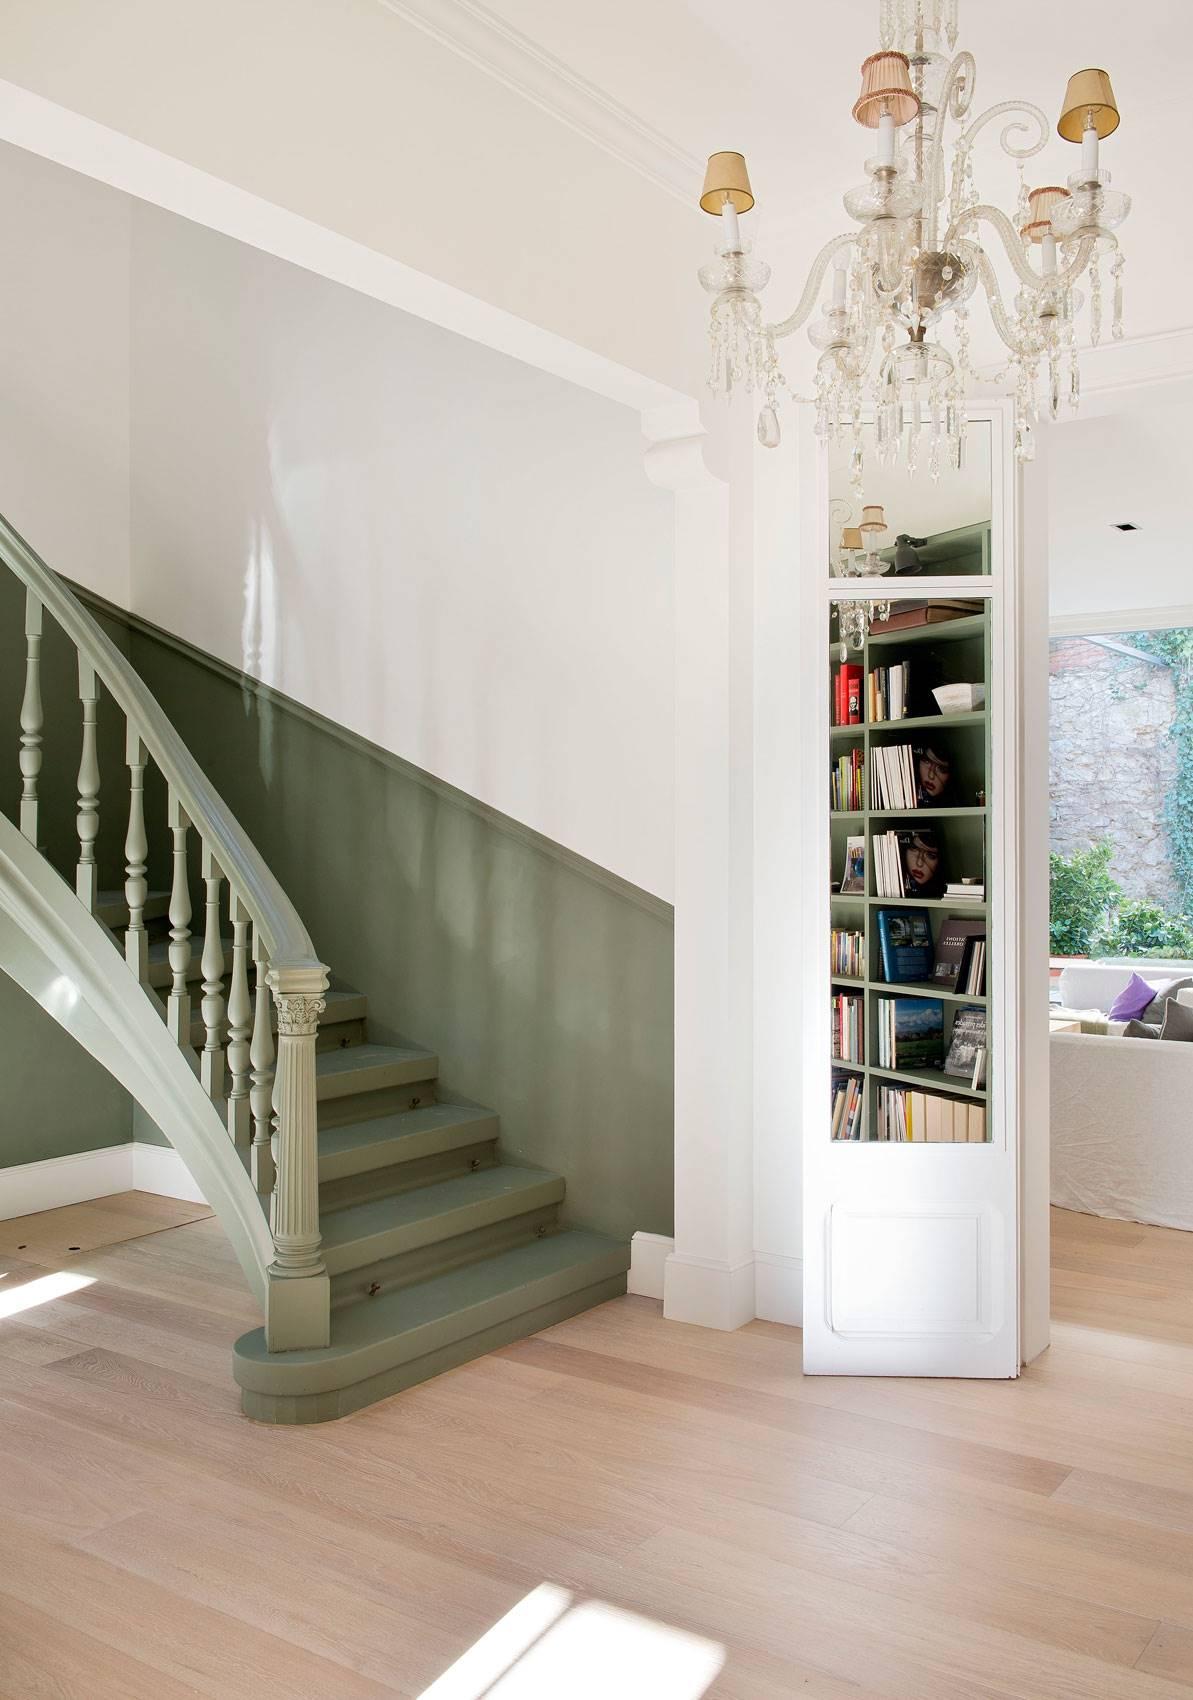 289 fotos de escaleras for Imagenes escaleras interiores